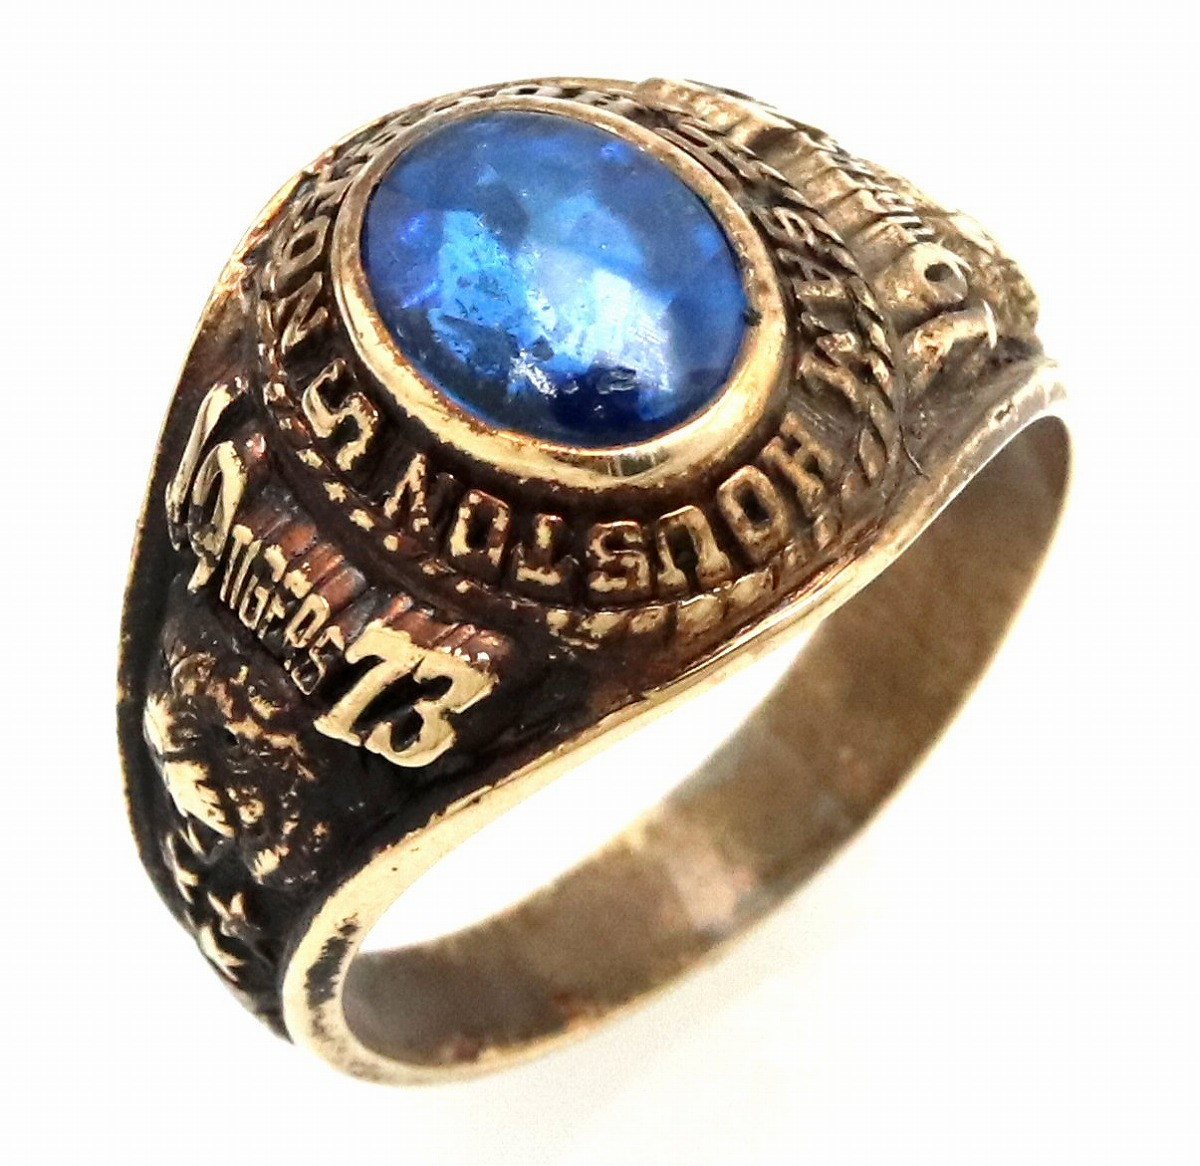 【ジュエリー】カレッジリング HOUSTON SAM HOUSTON TIGERS 1973 K10YG イエローゴールド 色石 ブルー 青 リング 指輪 #13 13号 【中古】